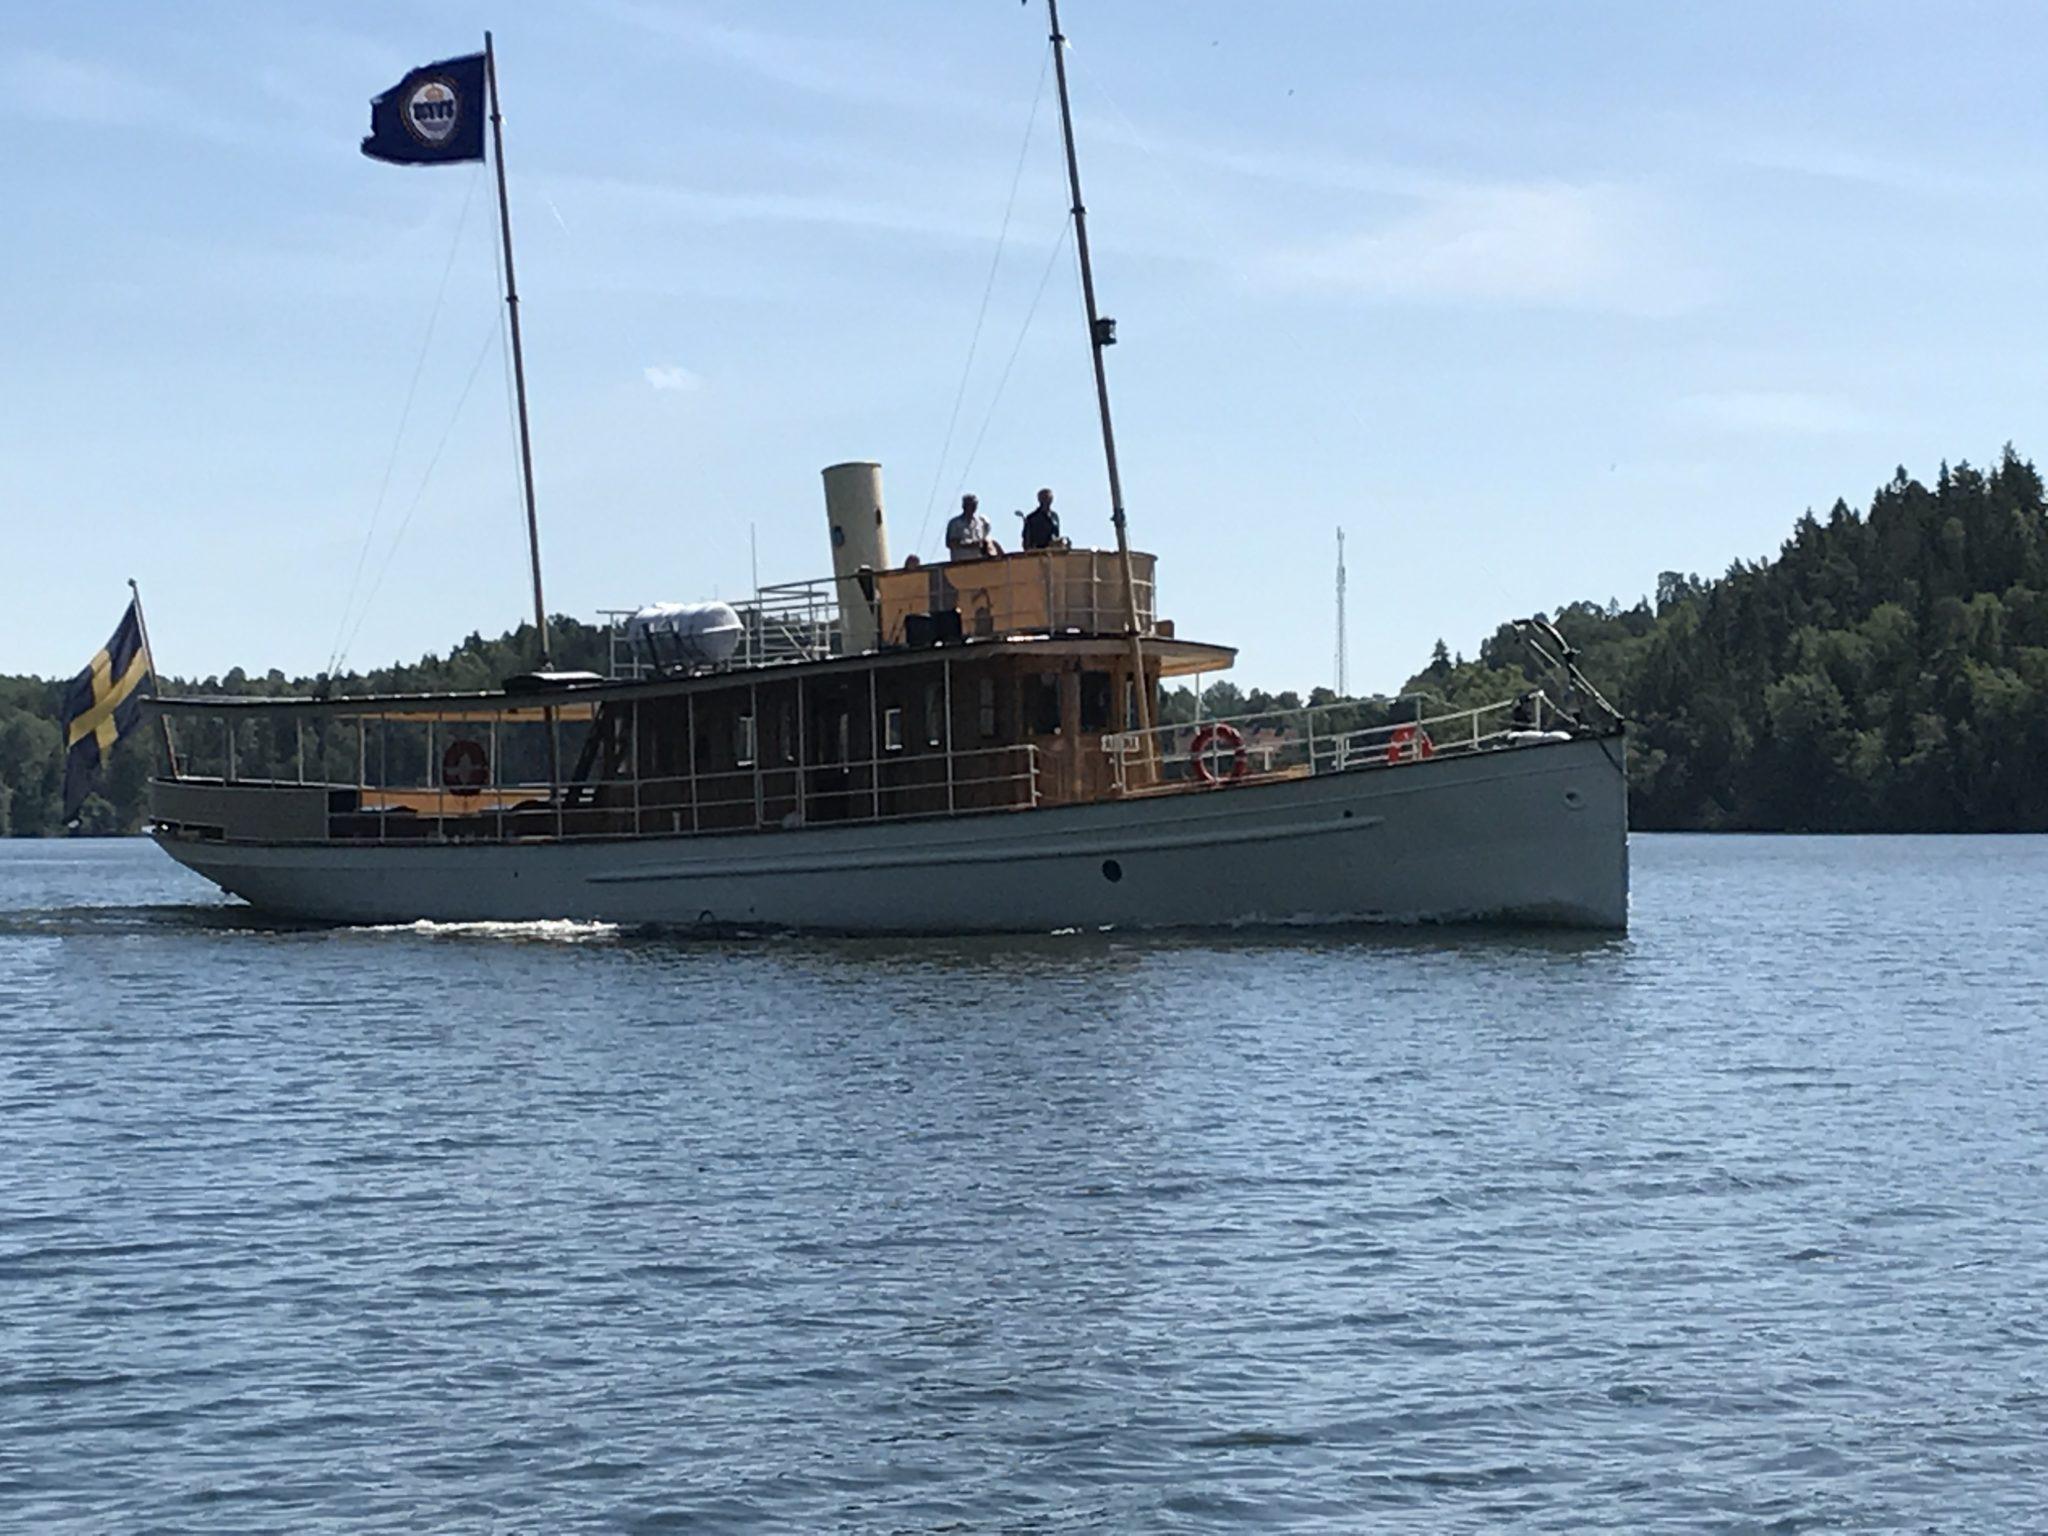 Arona gick i täten som det anstår ett chefsfartyg.